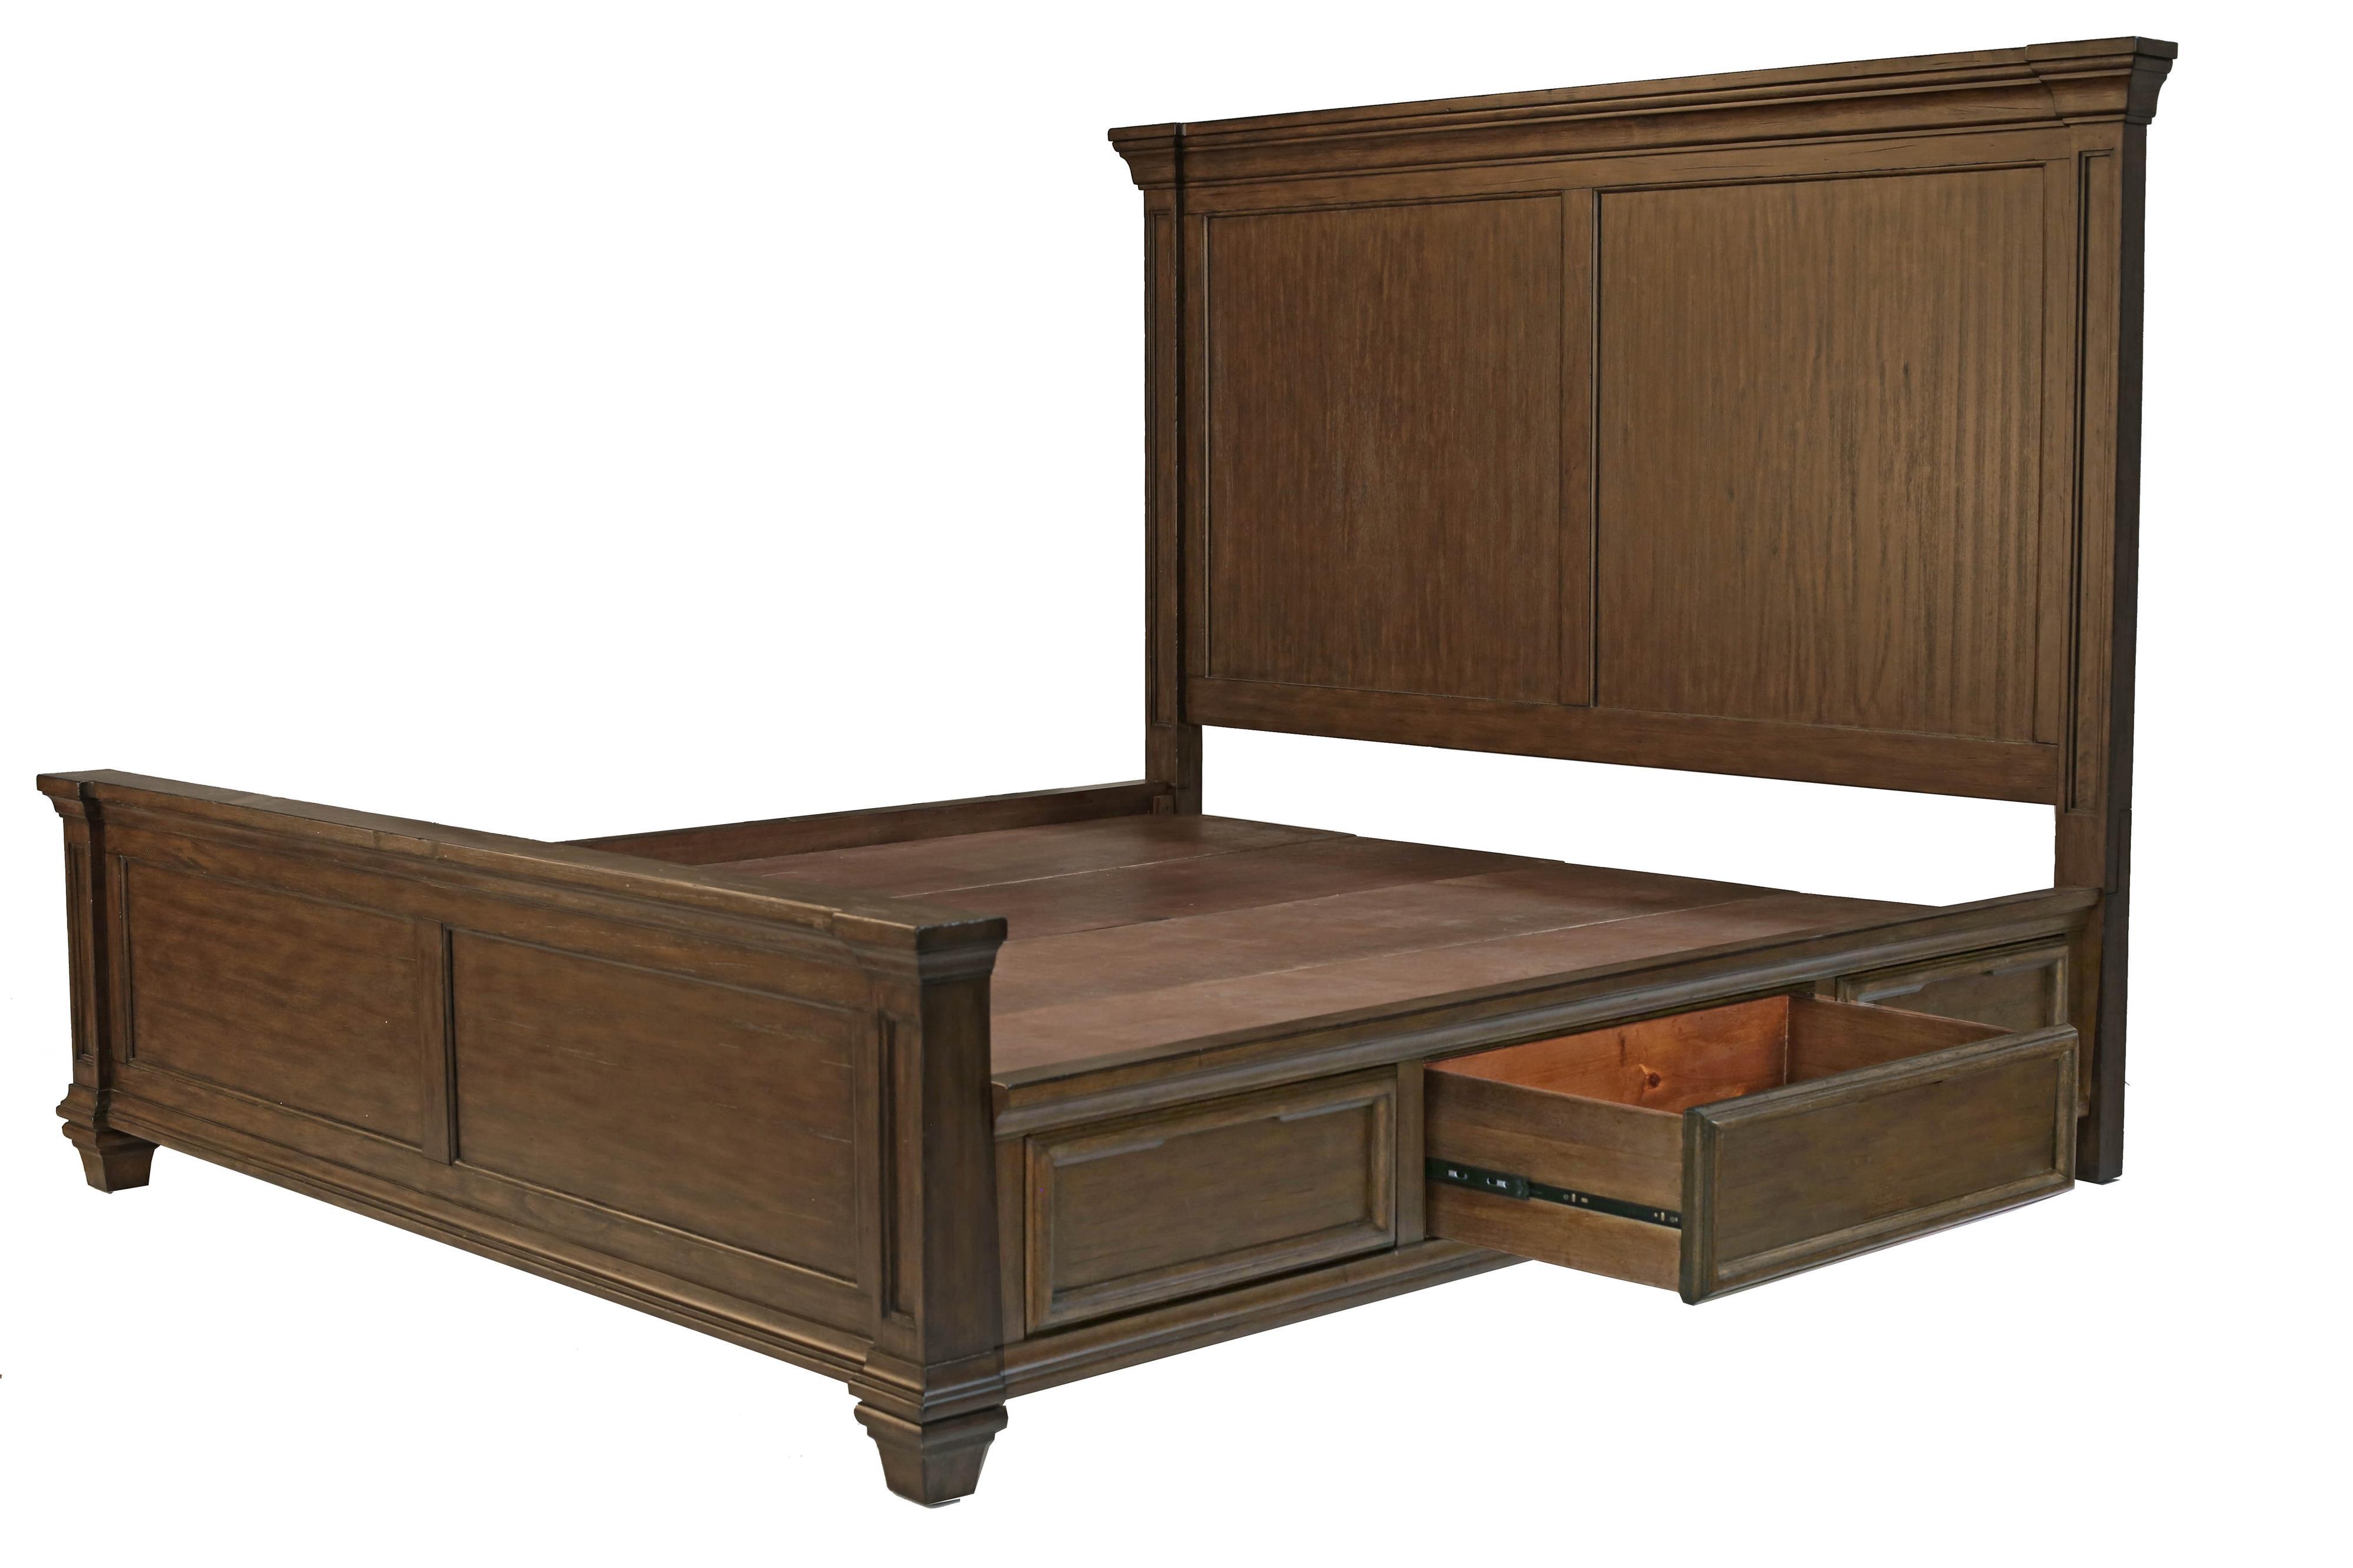 AAmerica Gallatin Queen Panel Storage Bed - Item Number: GLN-TM-5-03-1